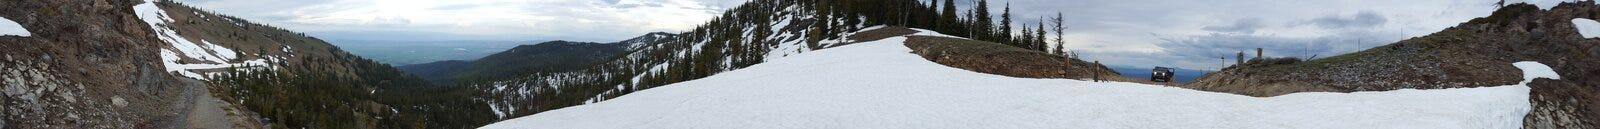 Marmornebenfluss-Gipfel Lizenzfreies Stockfoto